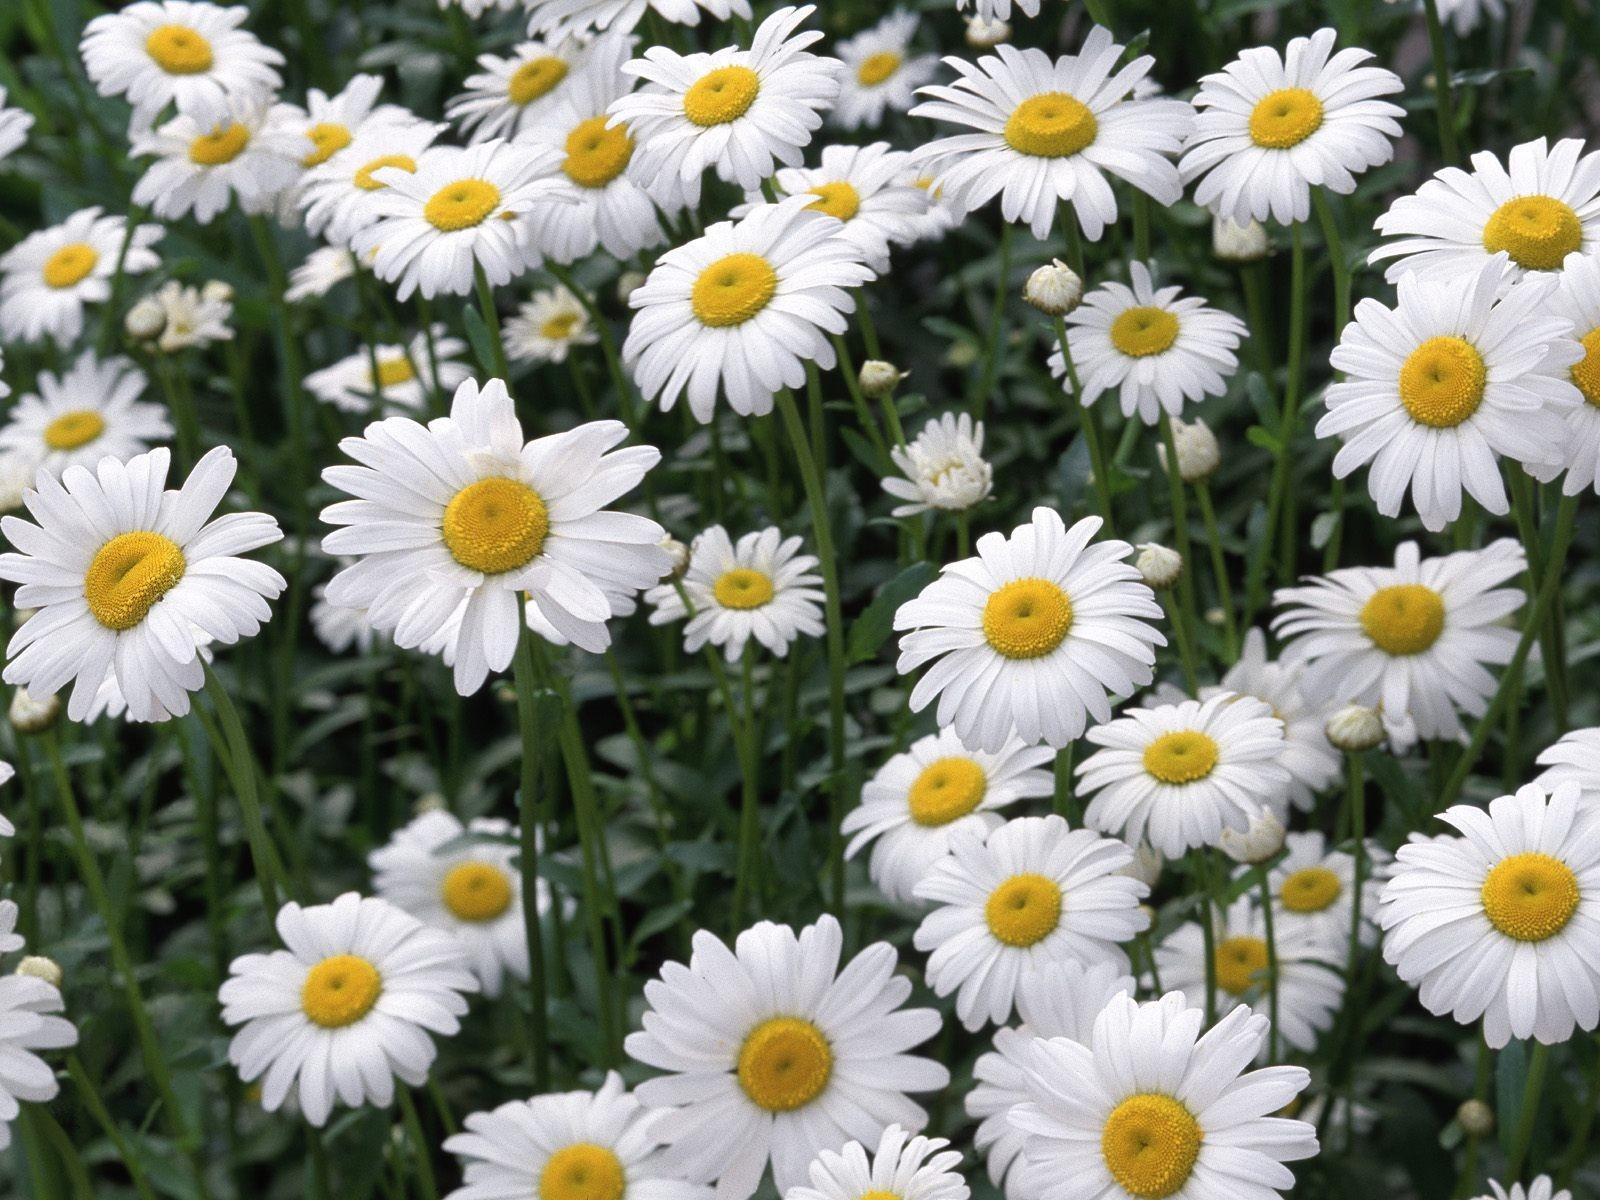 Jardin con flores margaritas - 1600x1200